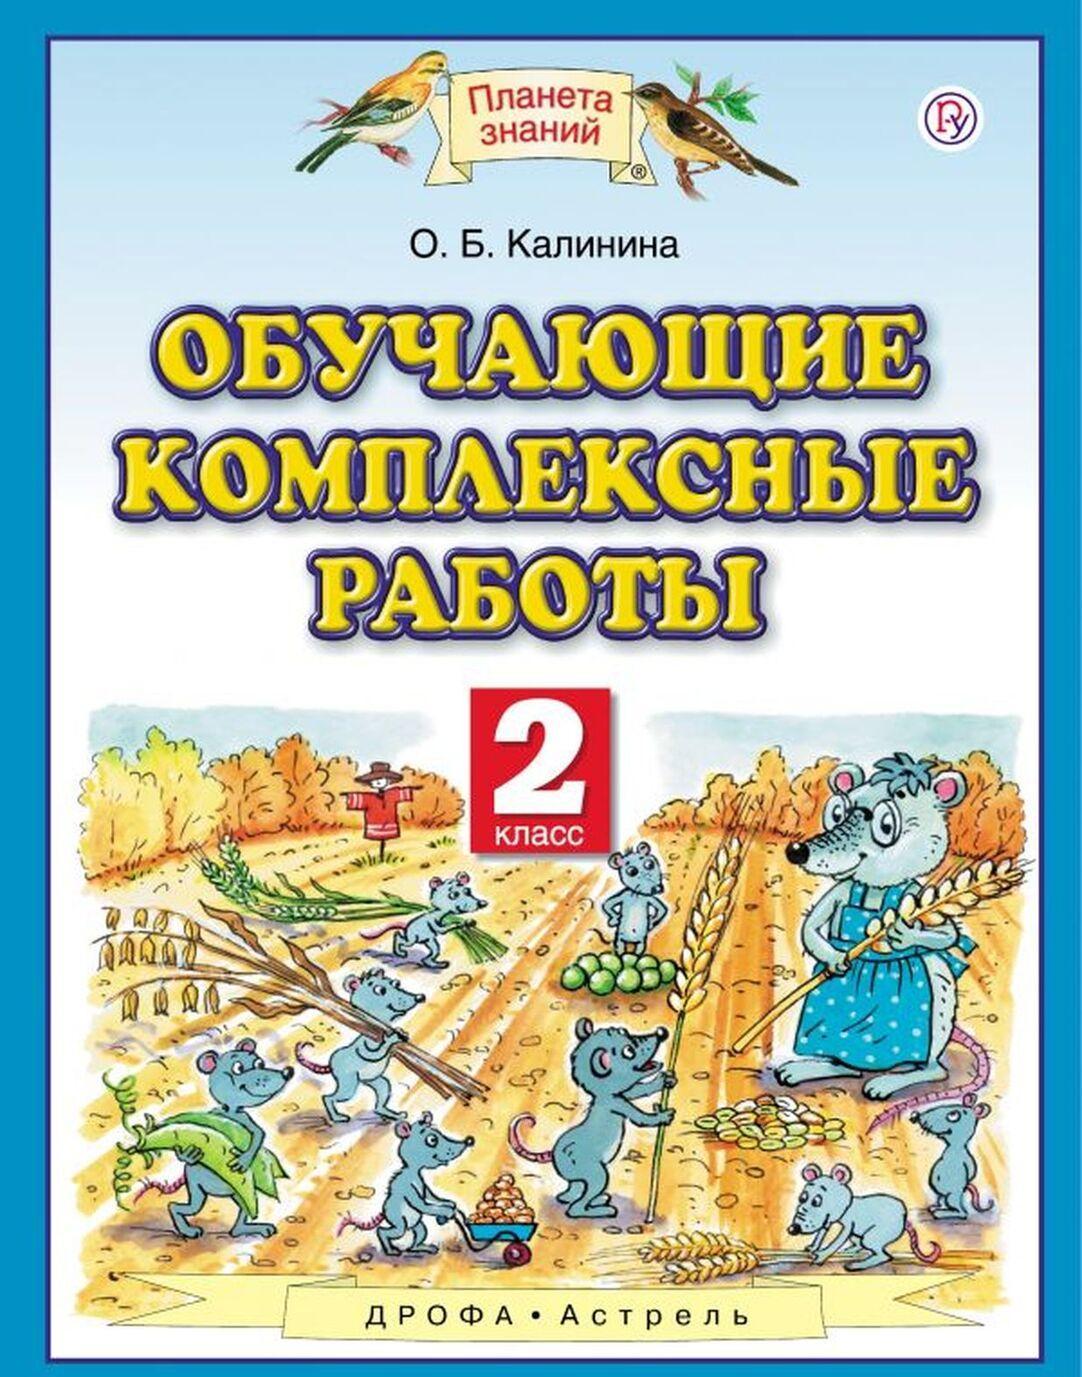 Obuchajuschie kompleksnye raboty. 2 klass | Kalinina Olga Borisovna